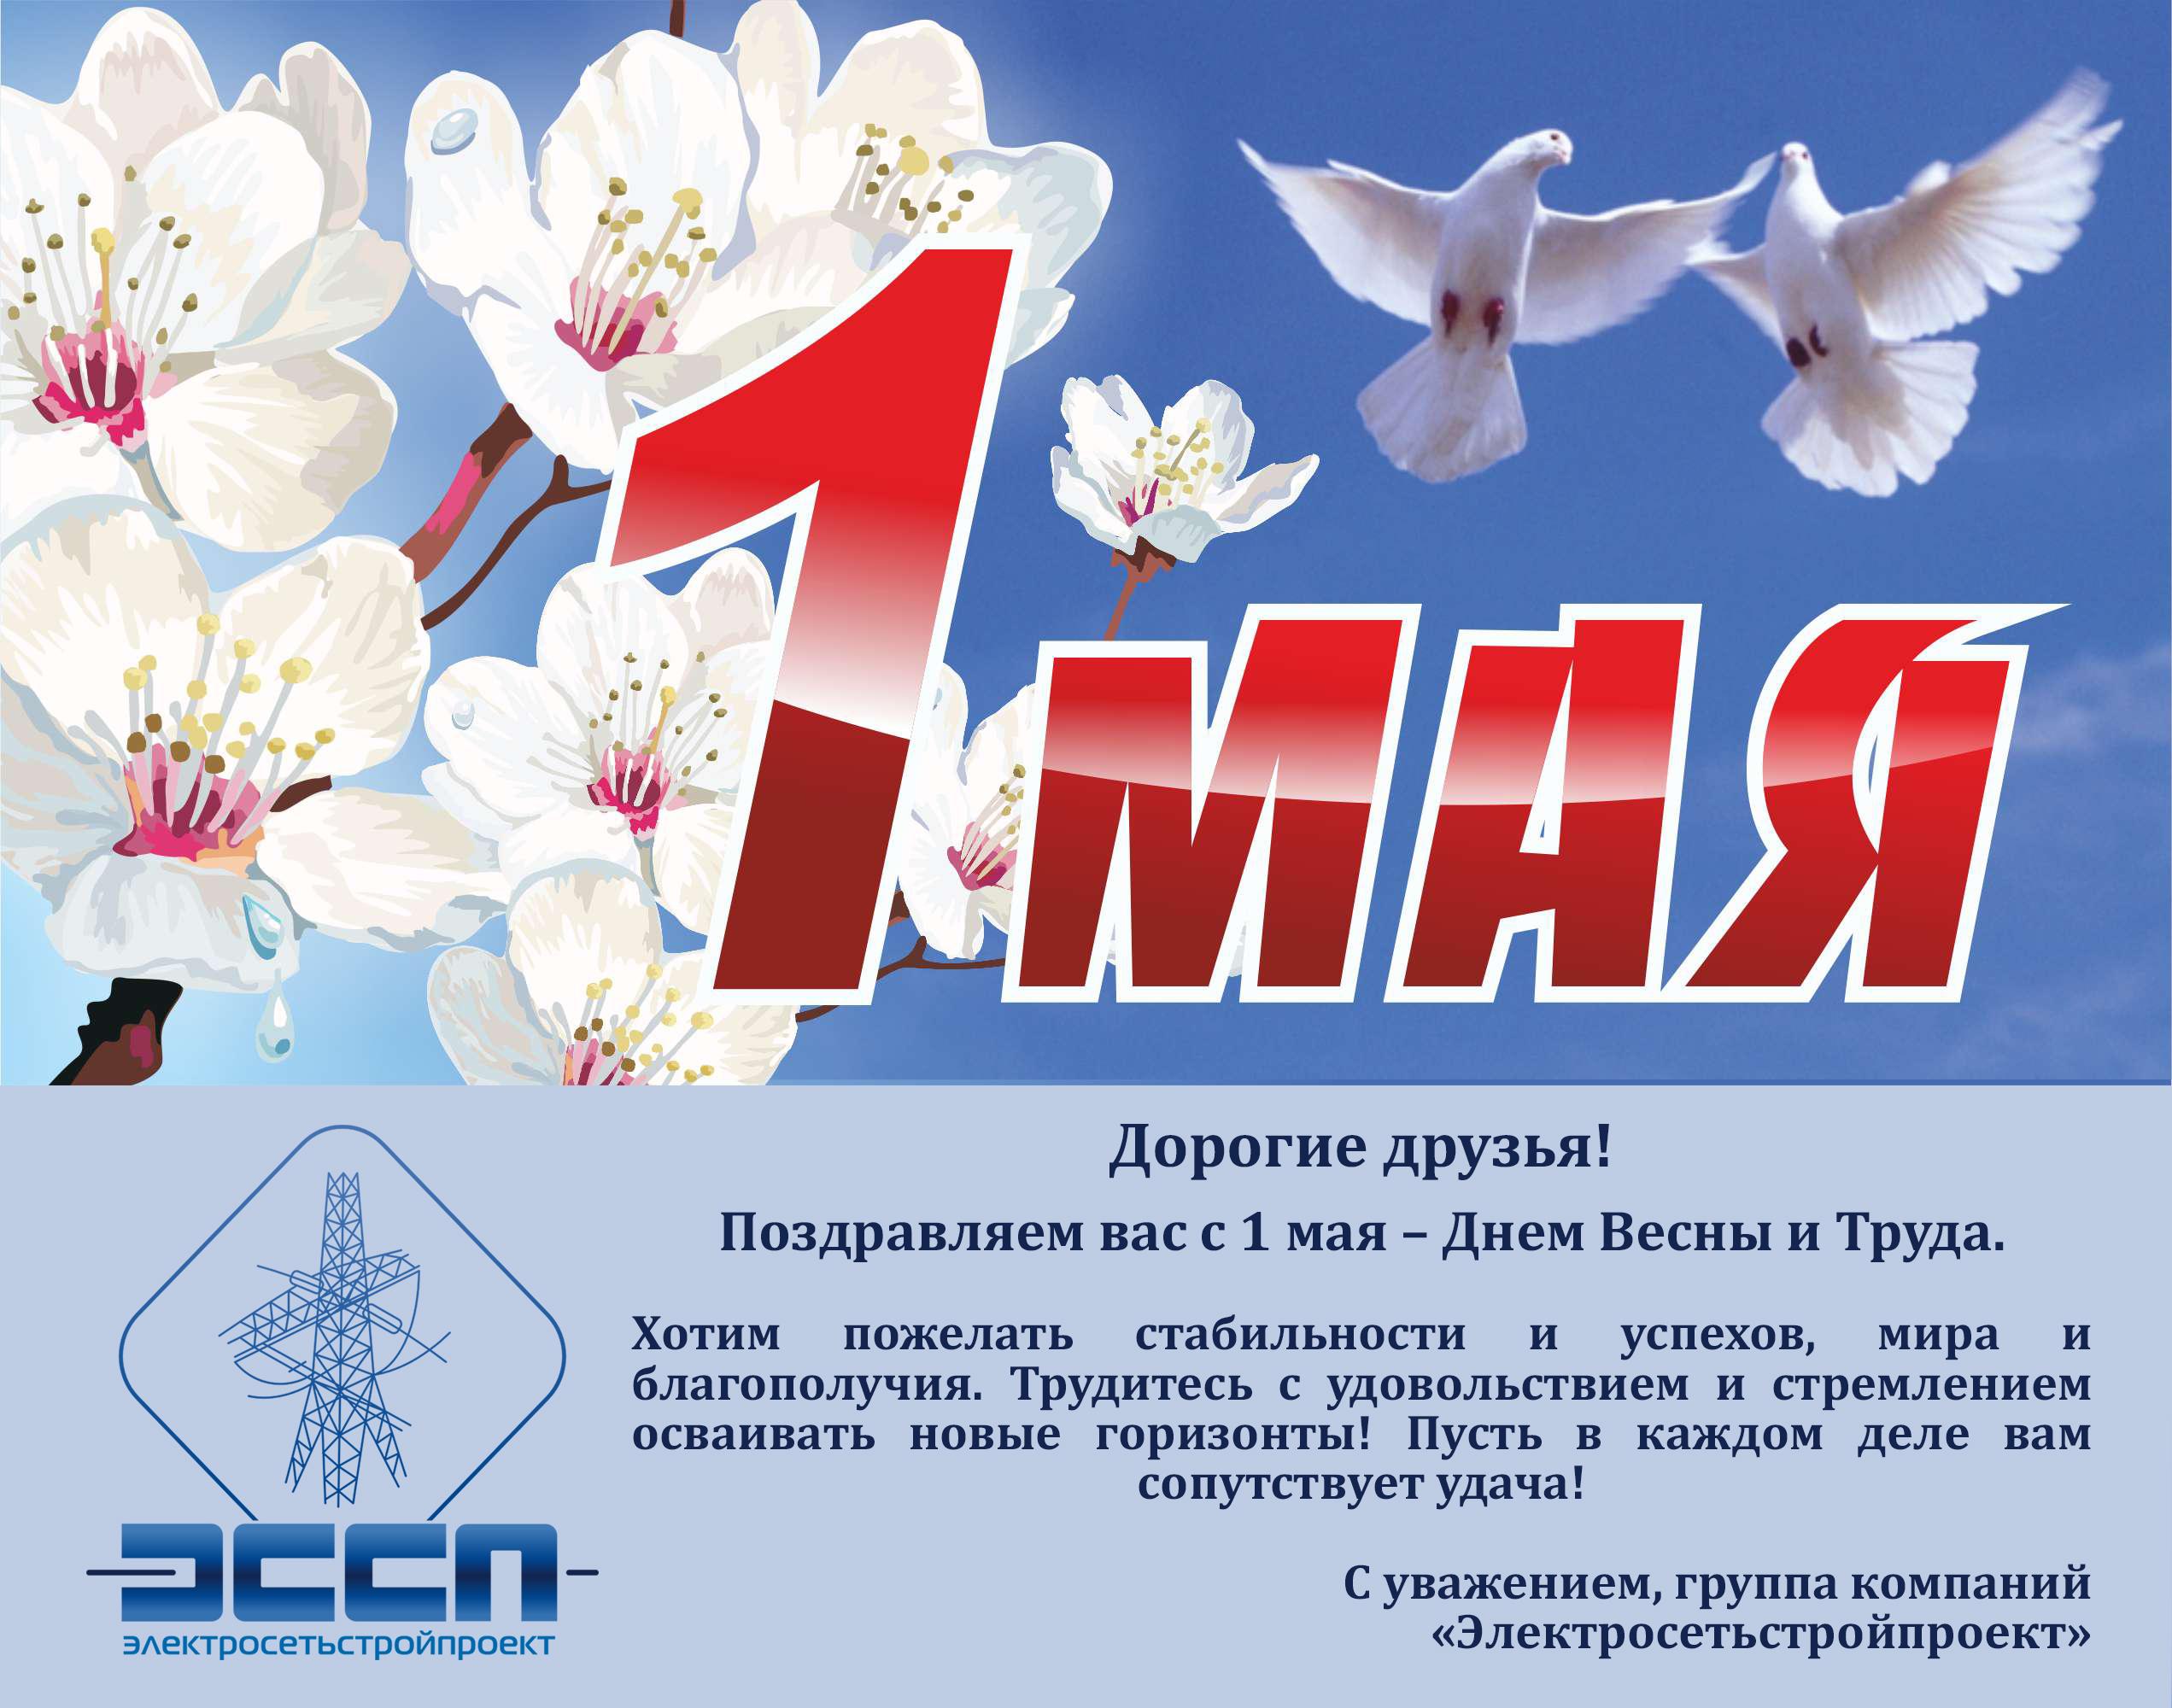 Открытка с поздравлением с 1 мая официальное